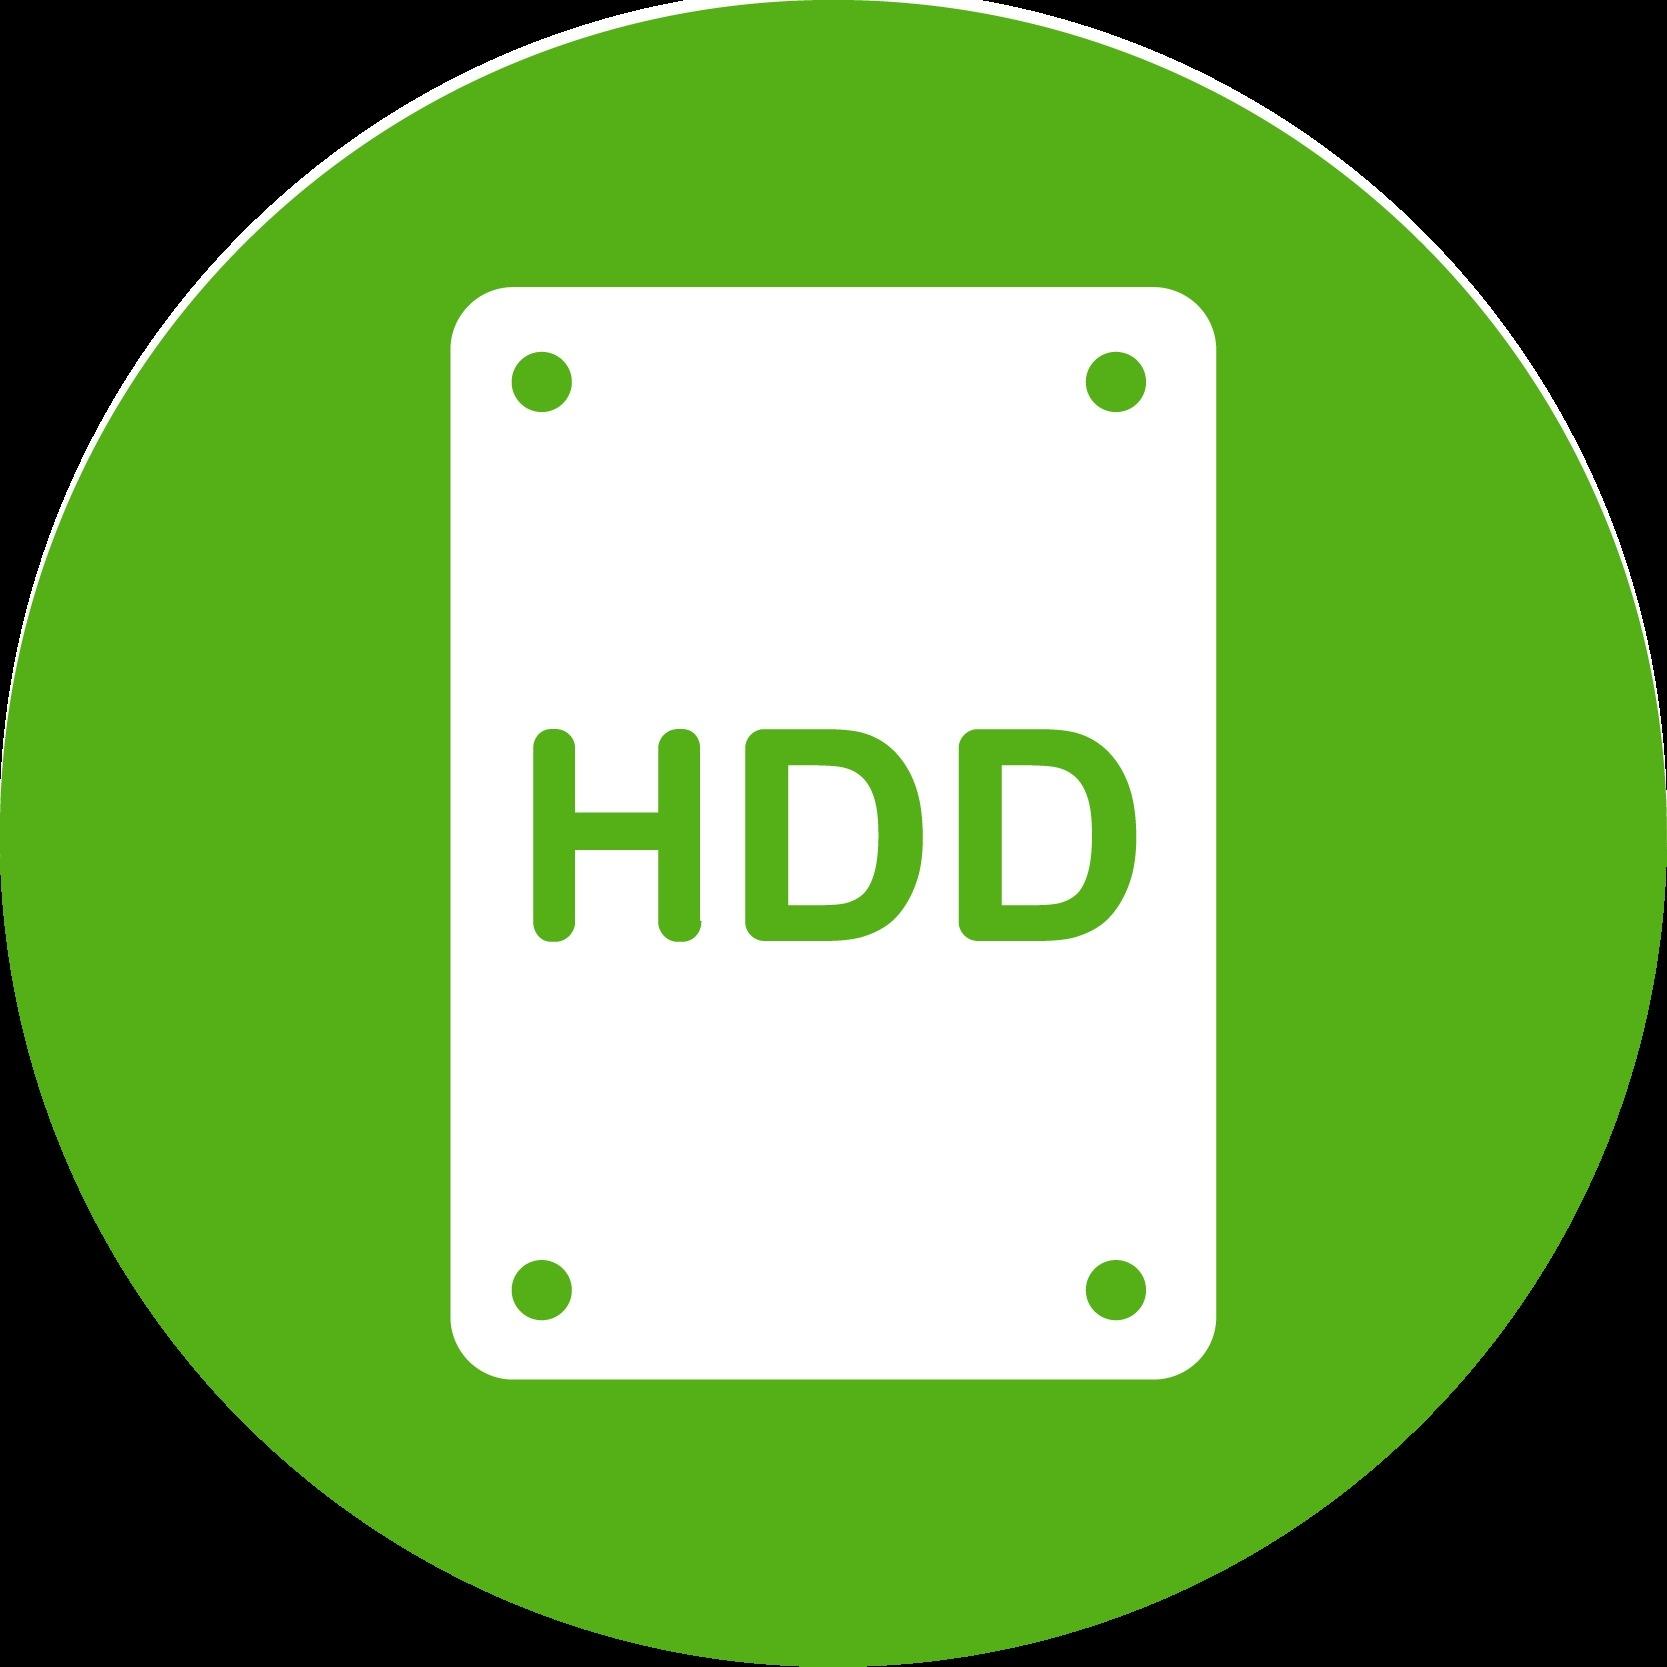 harddrive.png